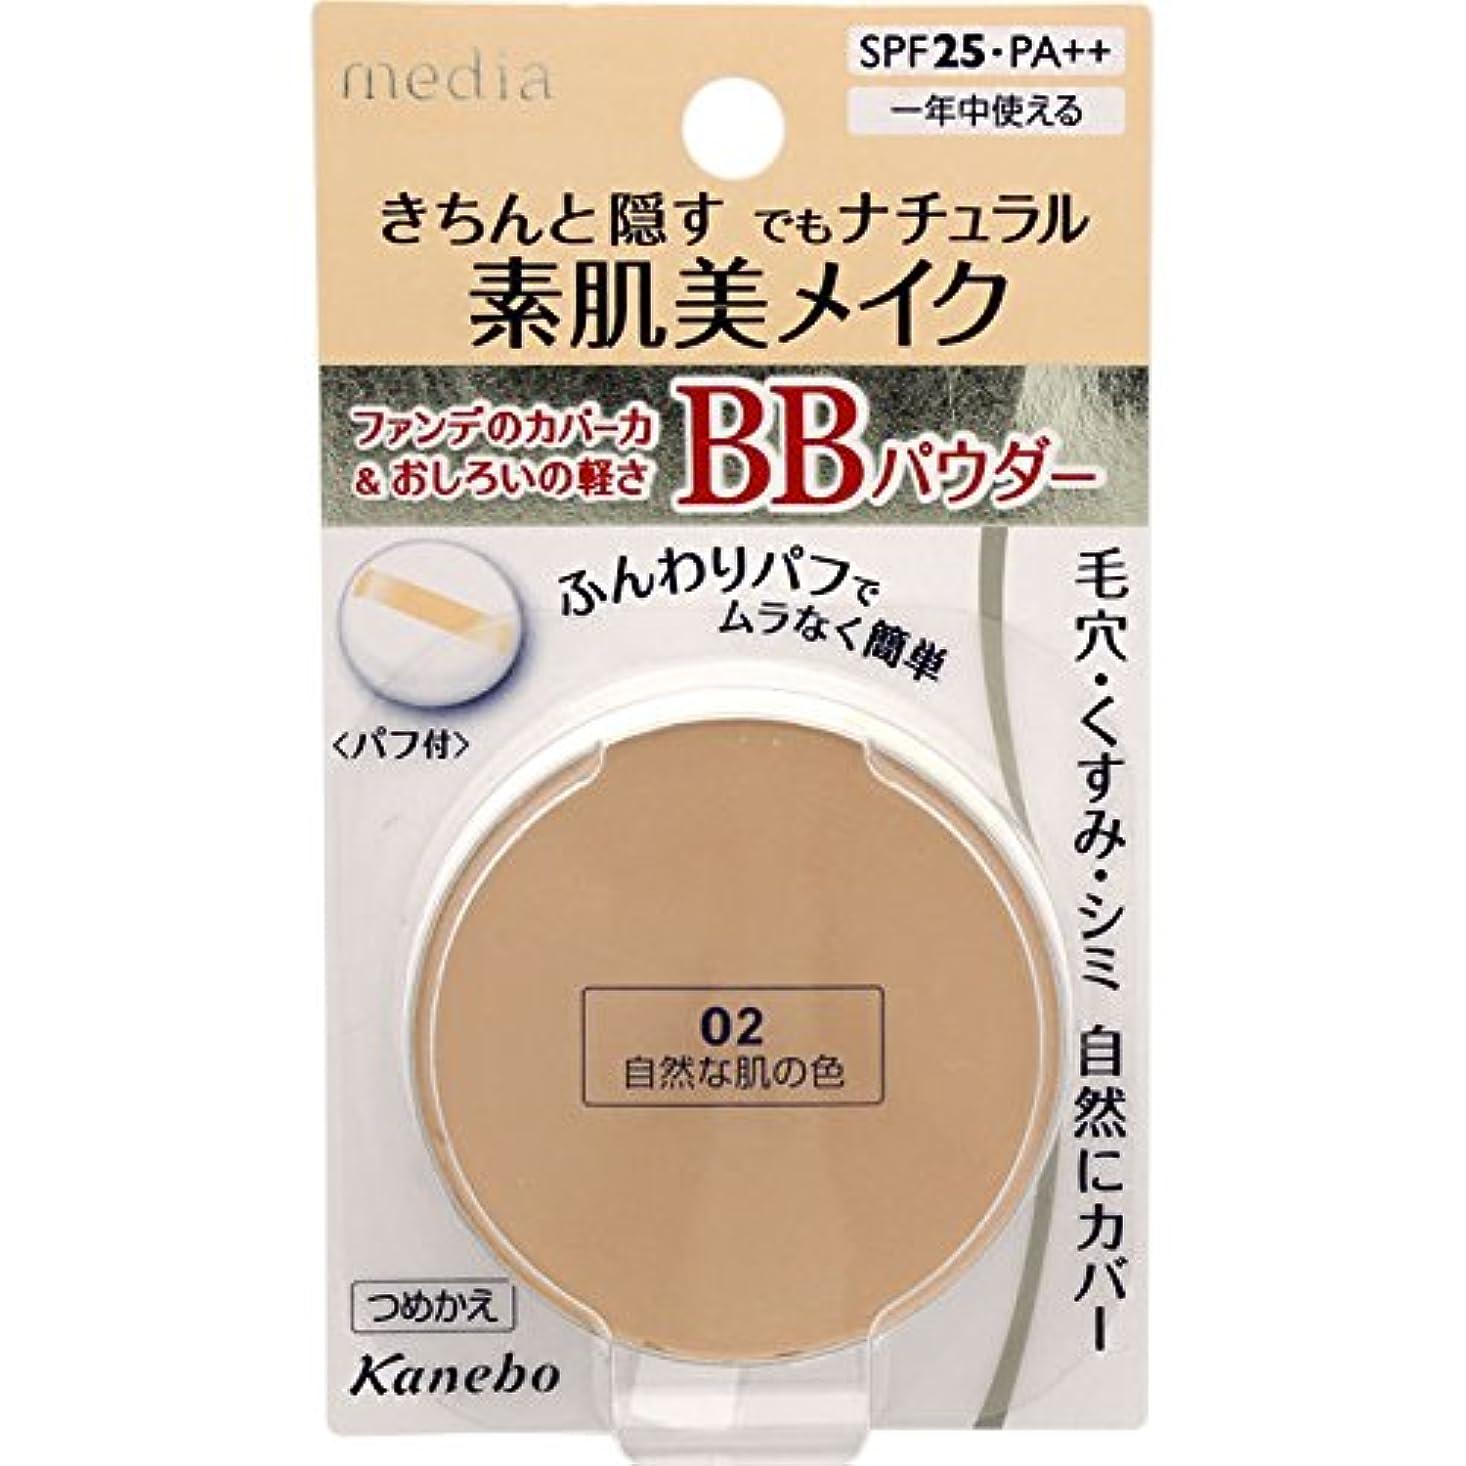 宿泊施設知覚節約するカネボウ メディア BBパウダー(レフィルのみ)《10g》<カラー:02自然な肌の色>